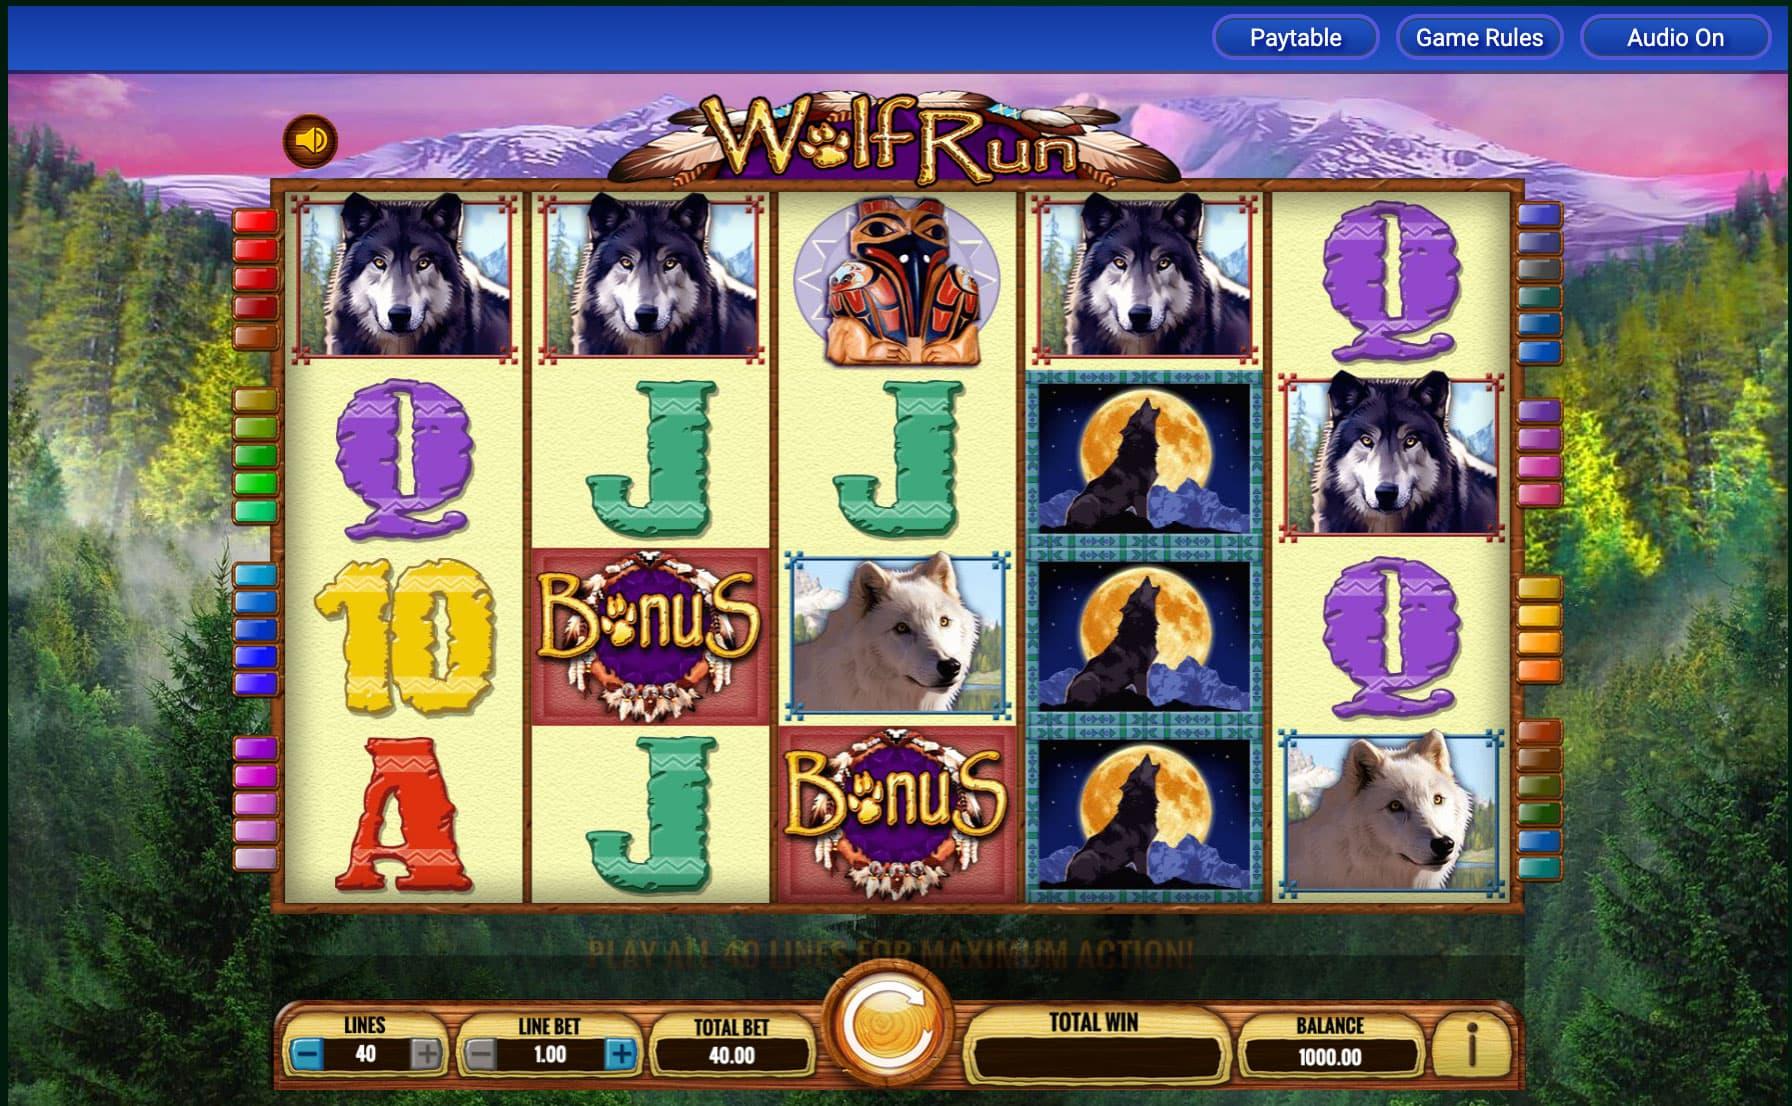 Wolf Run Slot Machine - How to Play